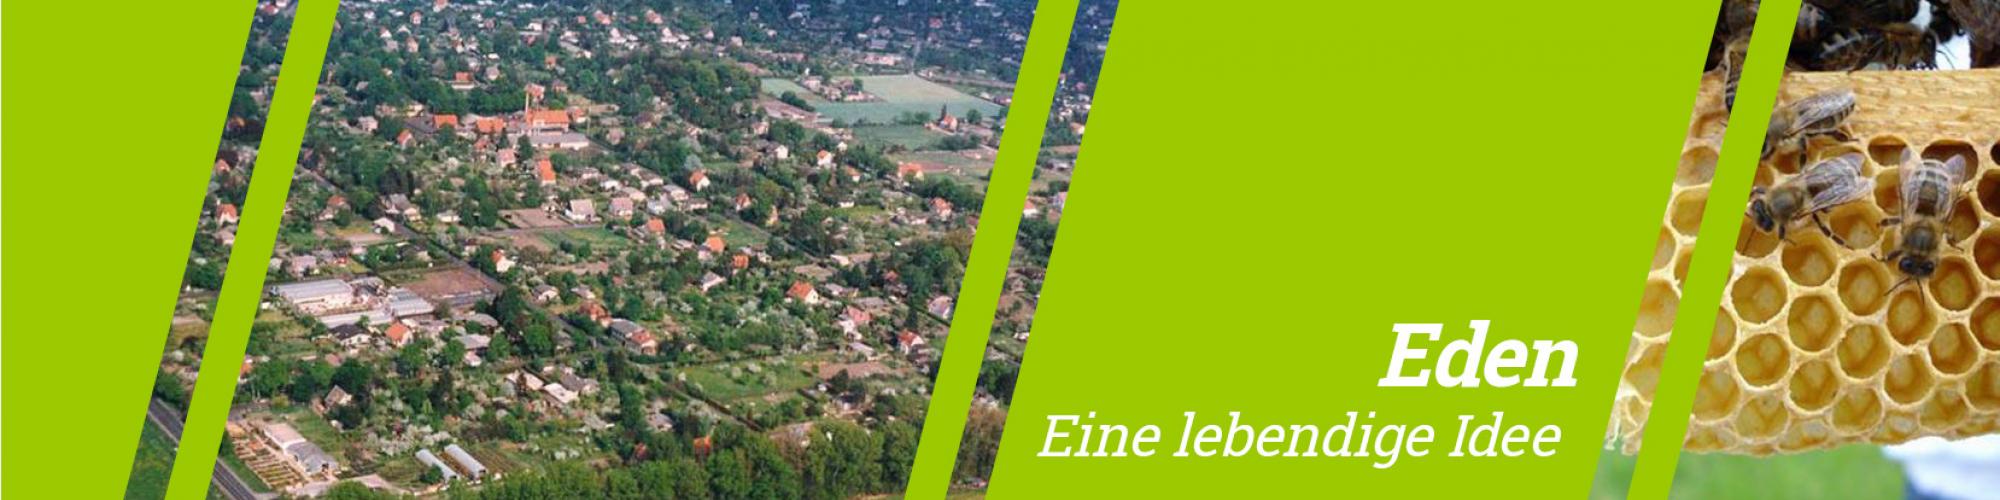 Eden Gemeinnützige Ostbau-Siedlung eG